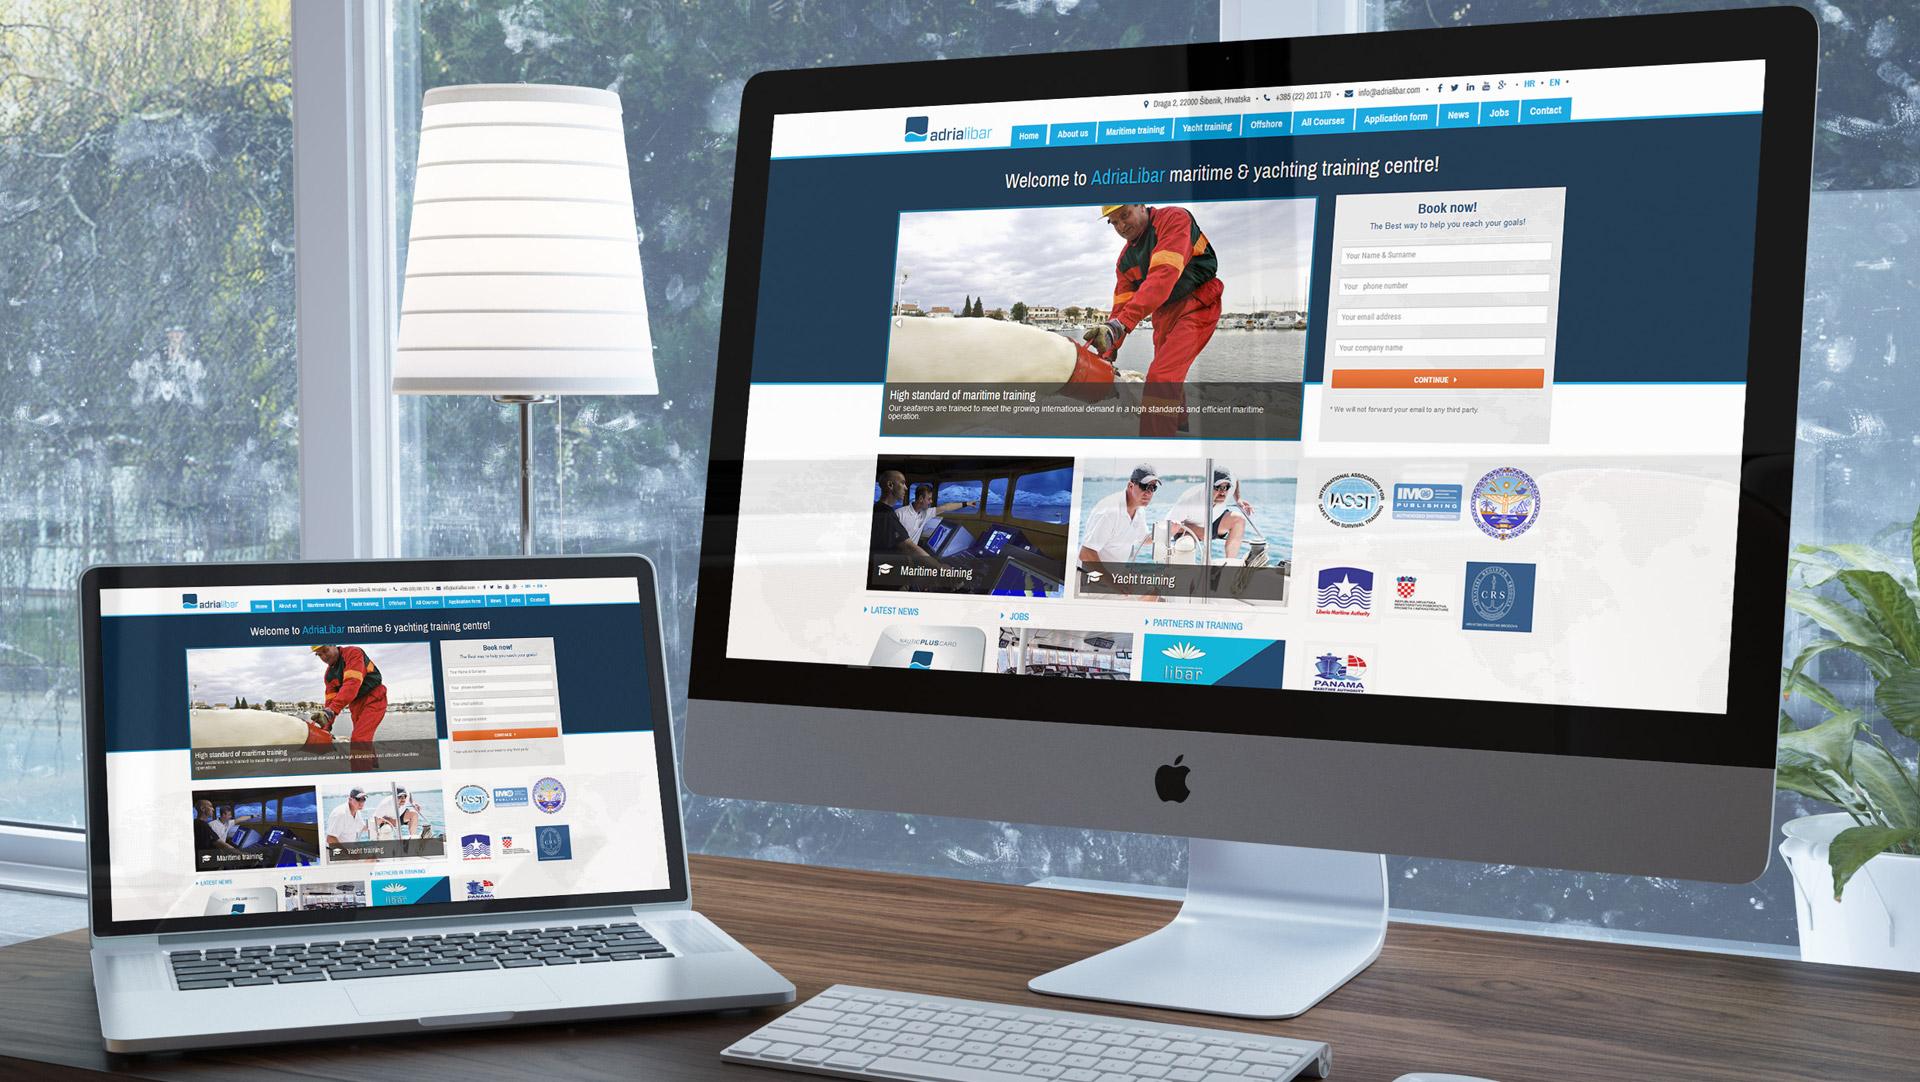 Web pomorskog učilišta